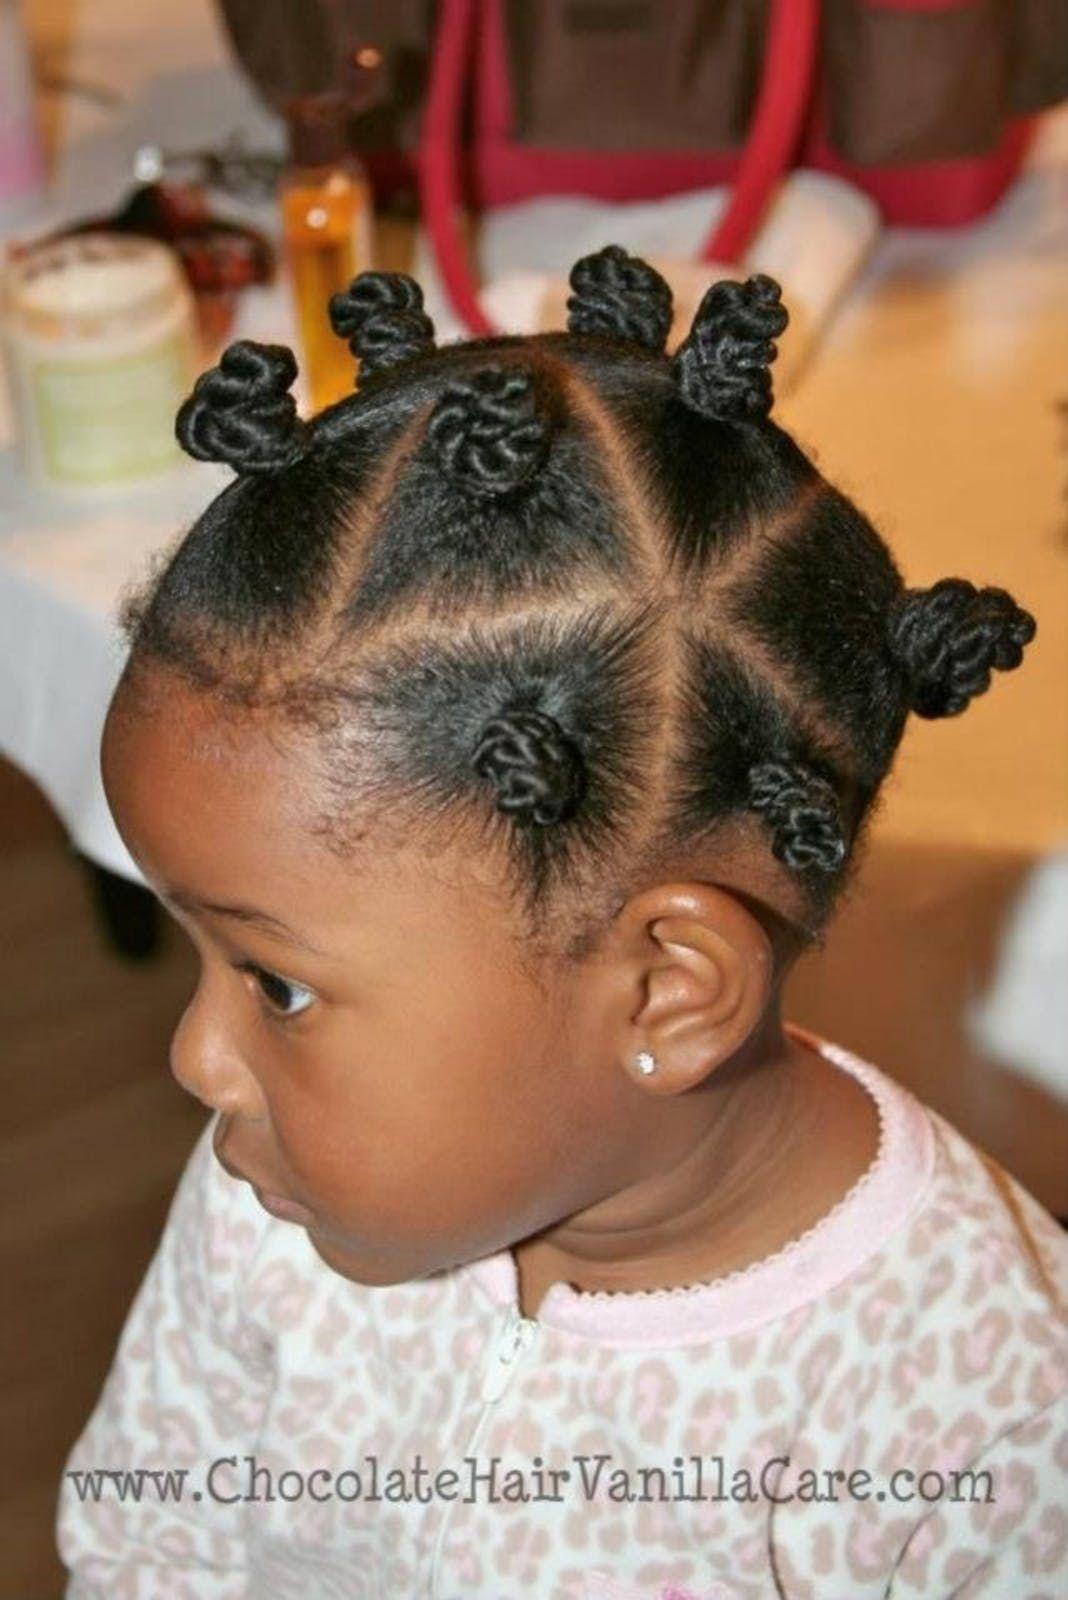 Photos : 15 coiffures de petite fille pour cheveux crépus   Coiffure petite fille, Cheveux ...